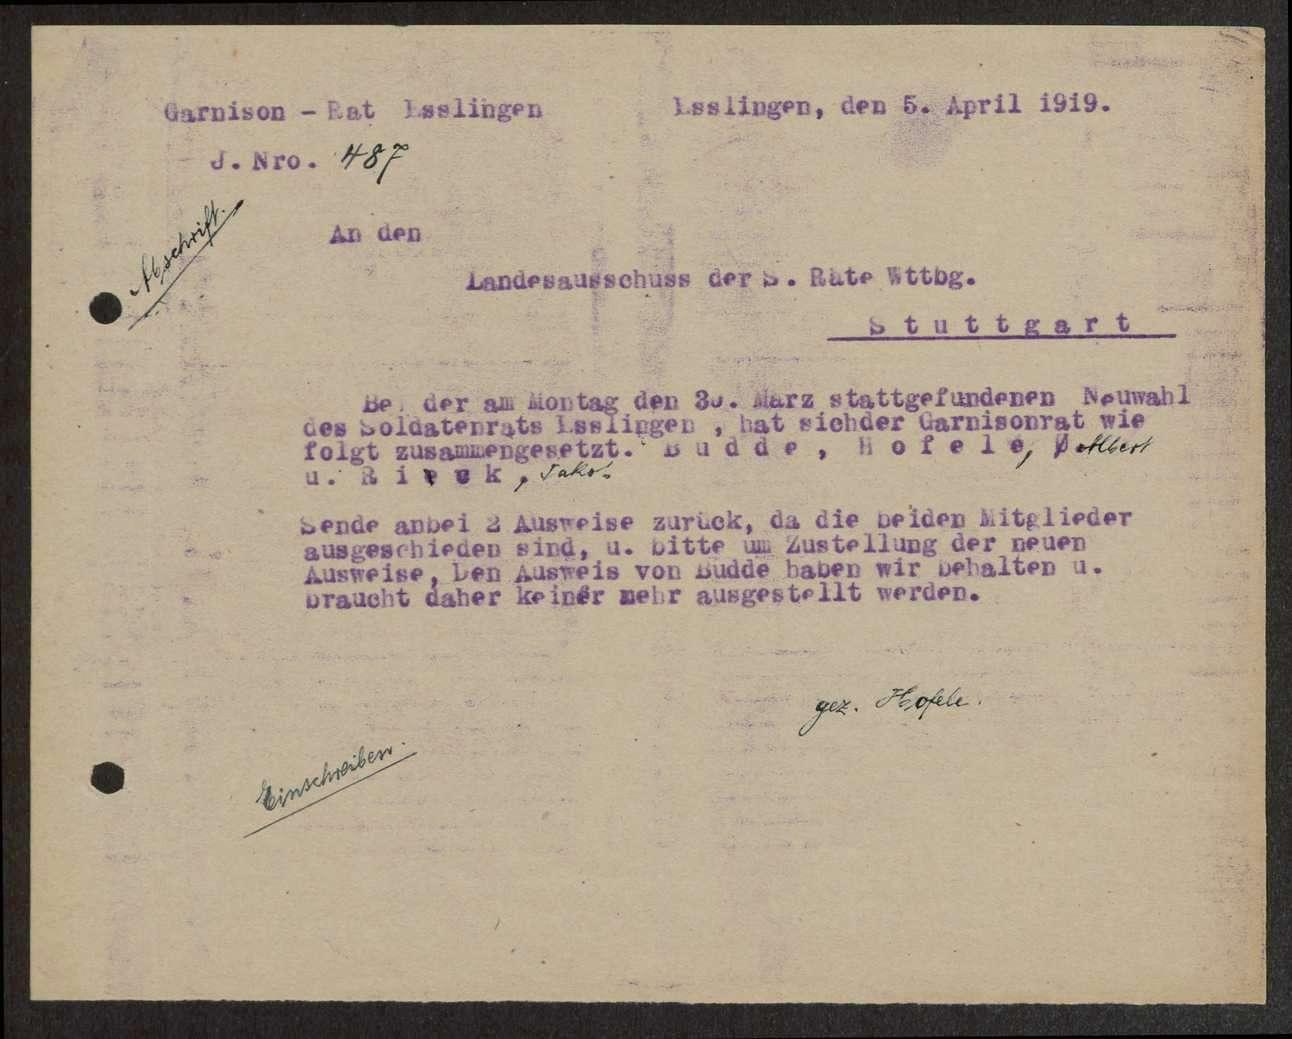 Zusammensetzung des Garnisonrats Esslingen, Bild 1